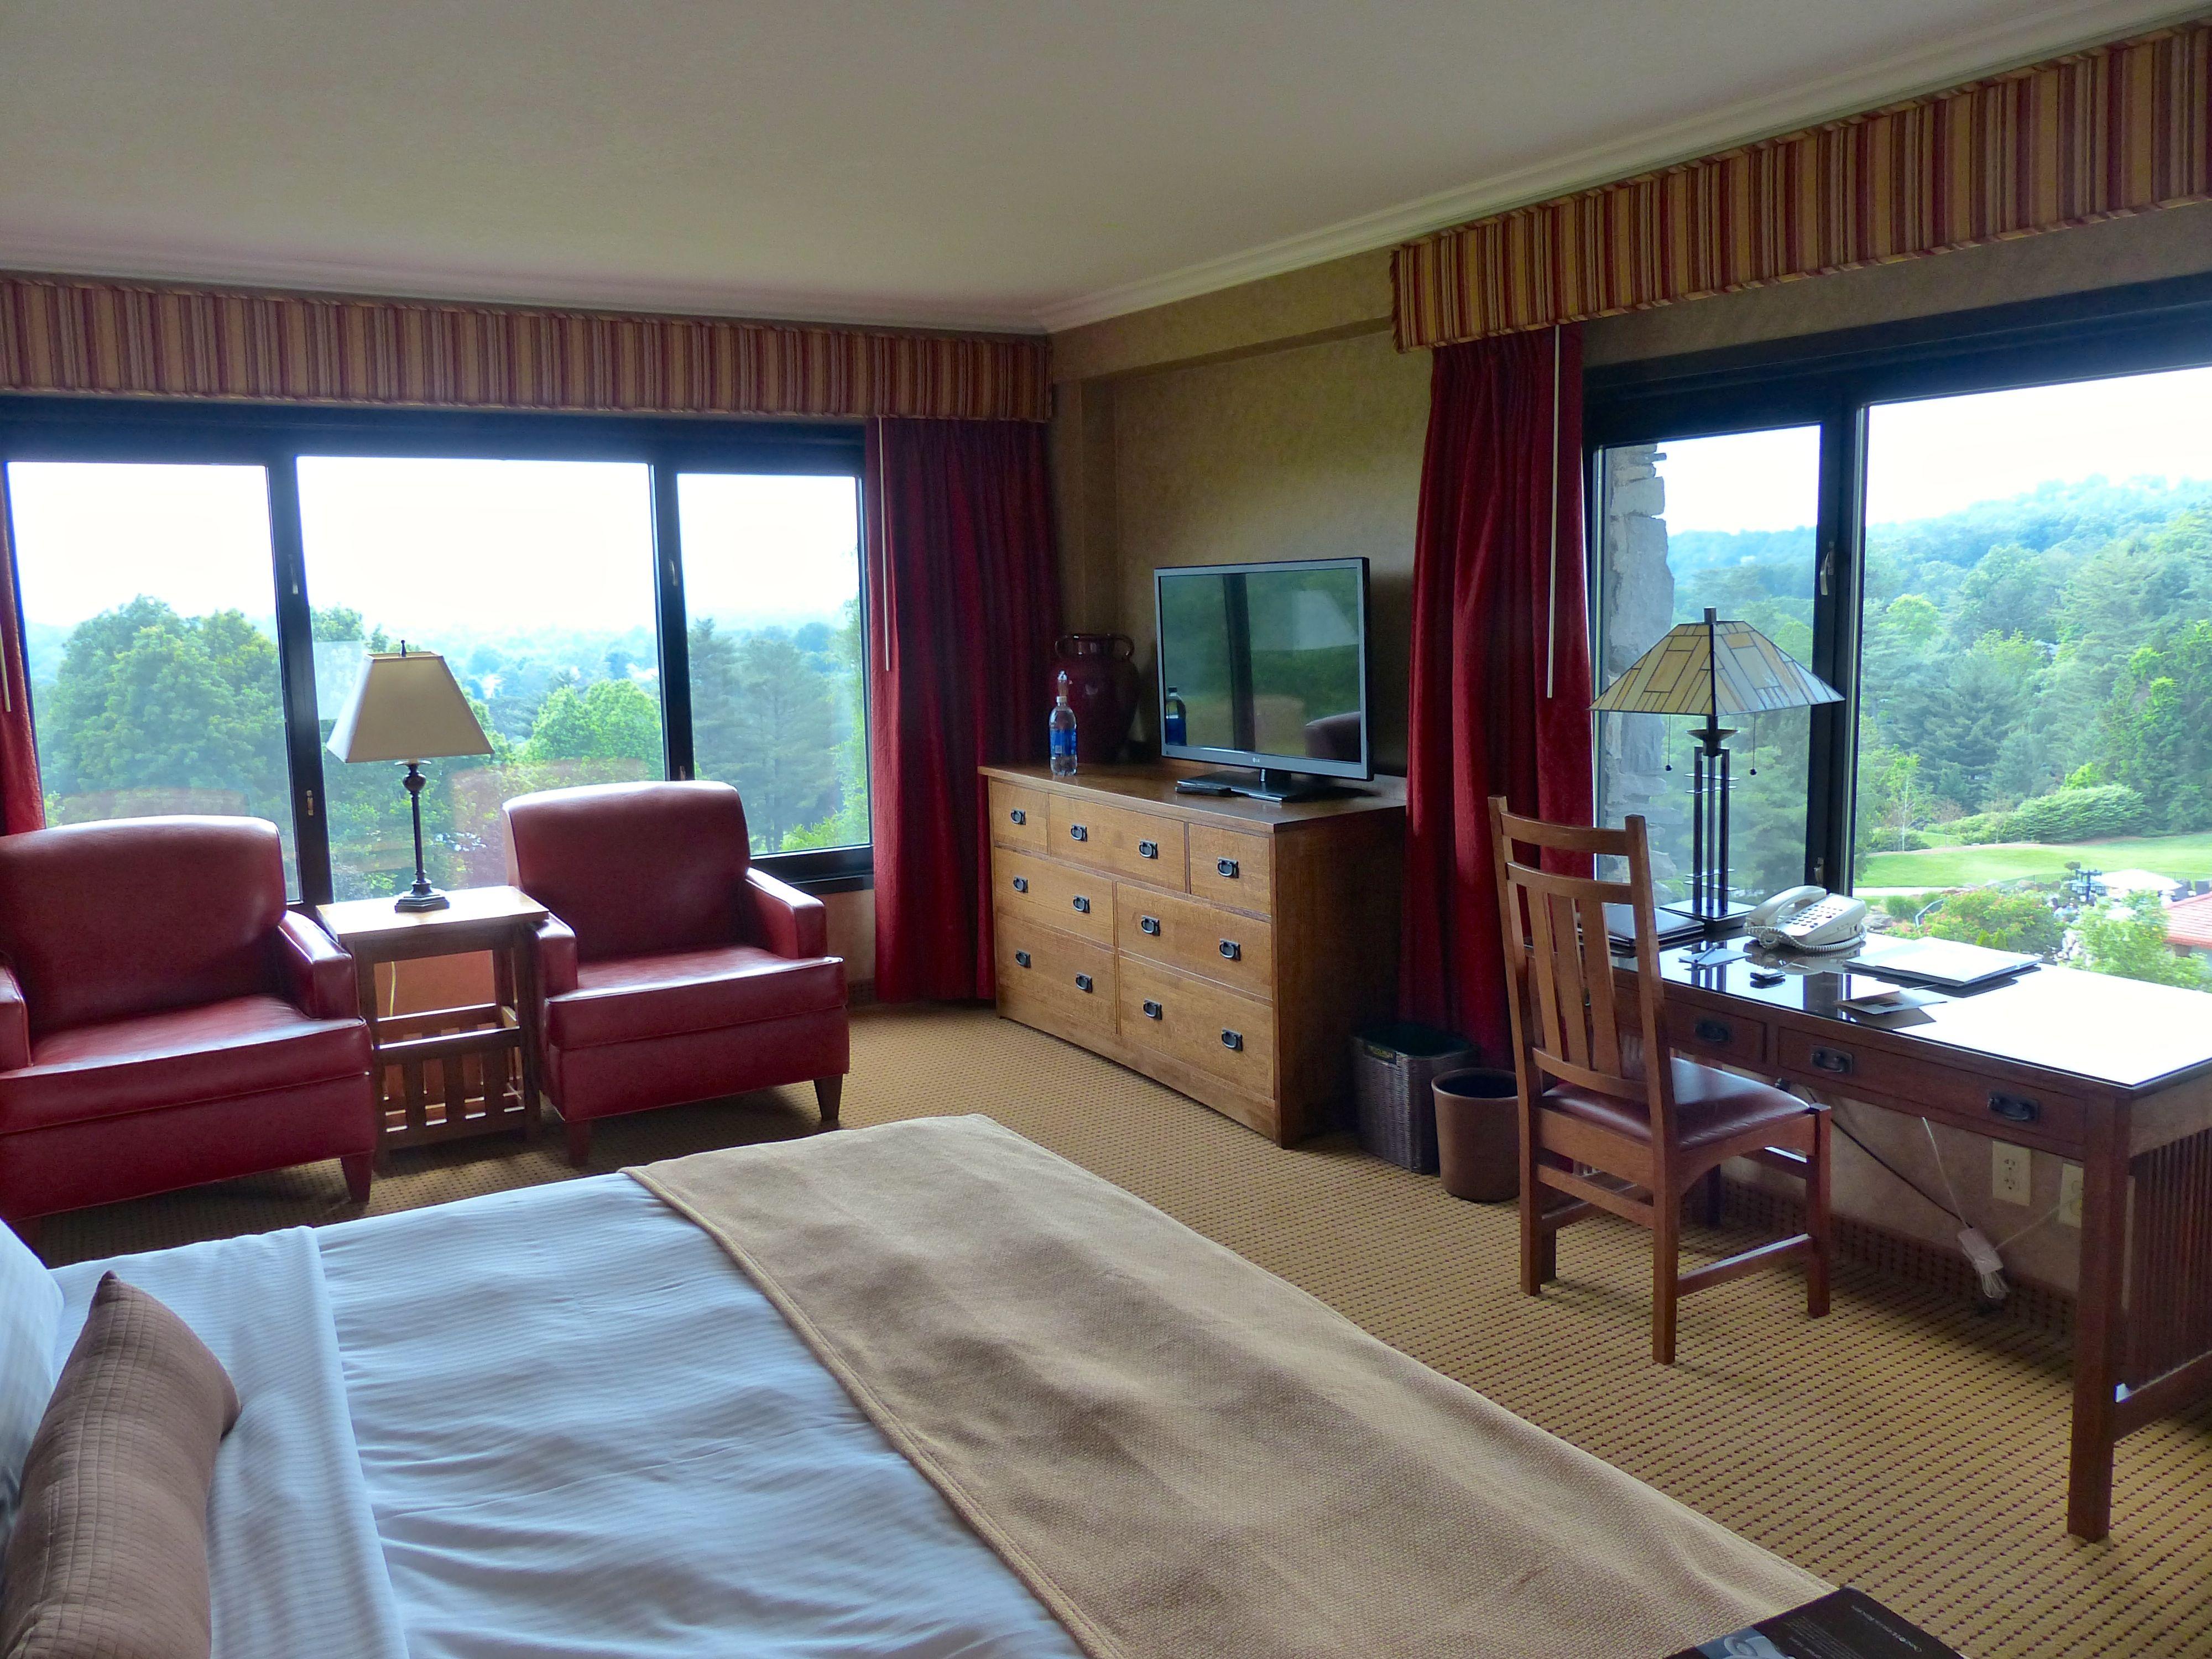 Grove Park Inn Hotel Rooms